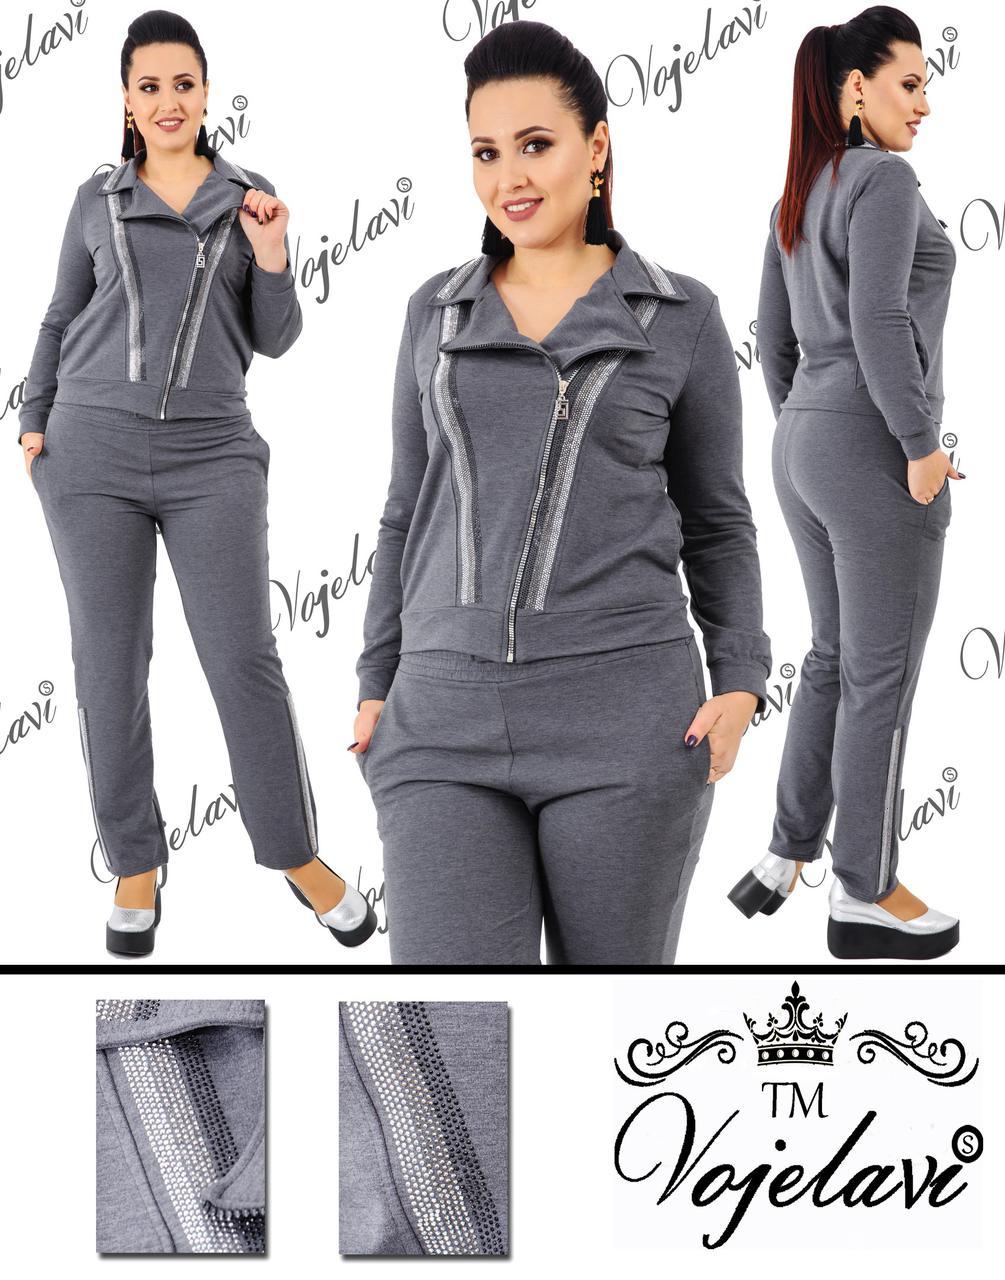 bcd2345235690 Женский серый спортивный костюм большого размера пр-во Украина 1020G 52,  цена 420 грн., купить в Одессе — Prom.ua (ID#681308019)